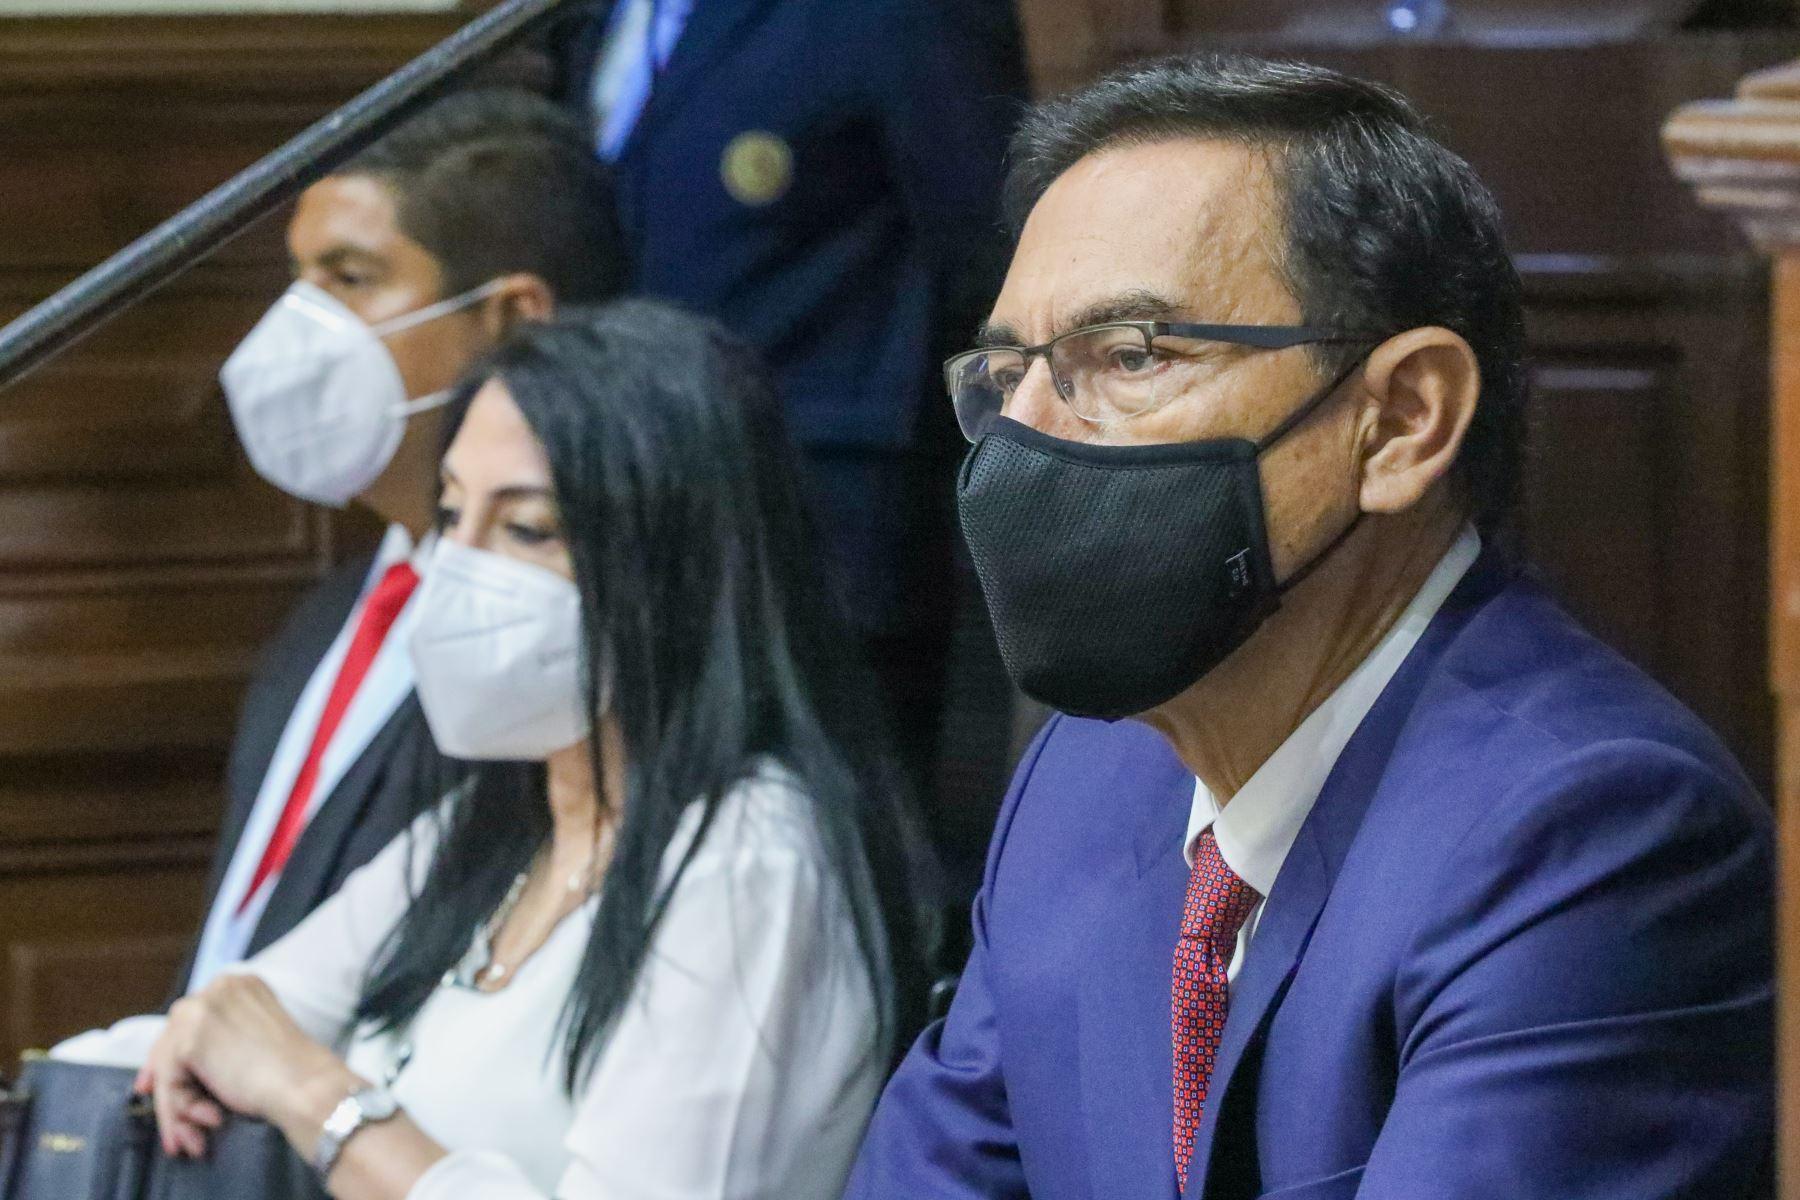 Subcomisión aprobó denuncias constitucionales contra Vizcarra por caso vacunas